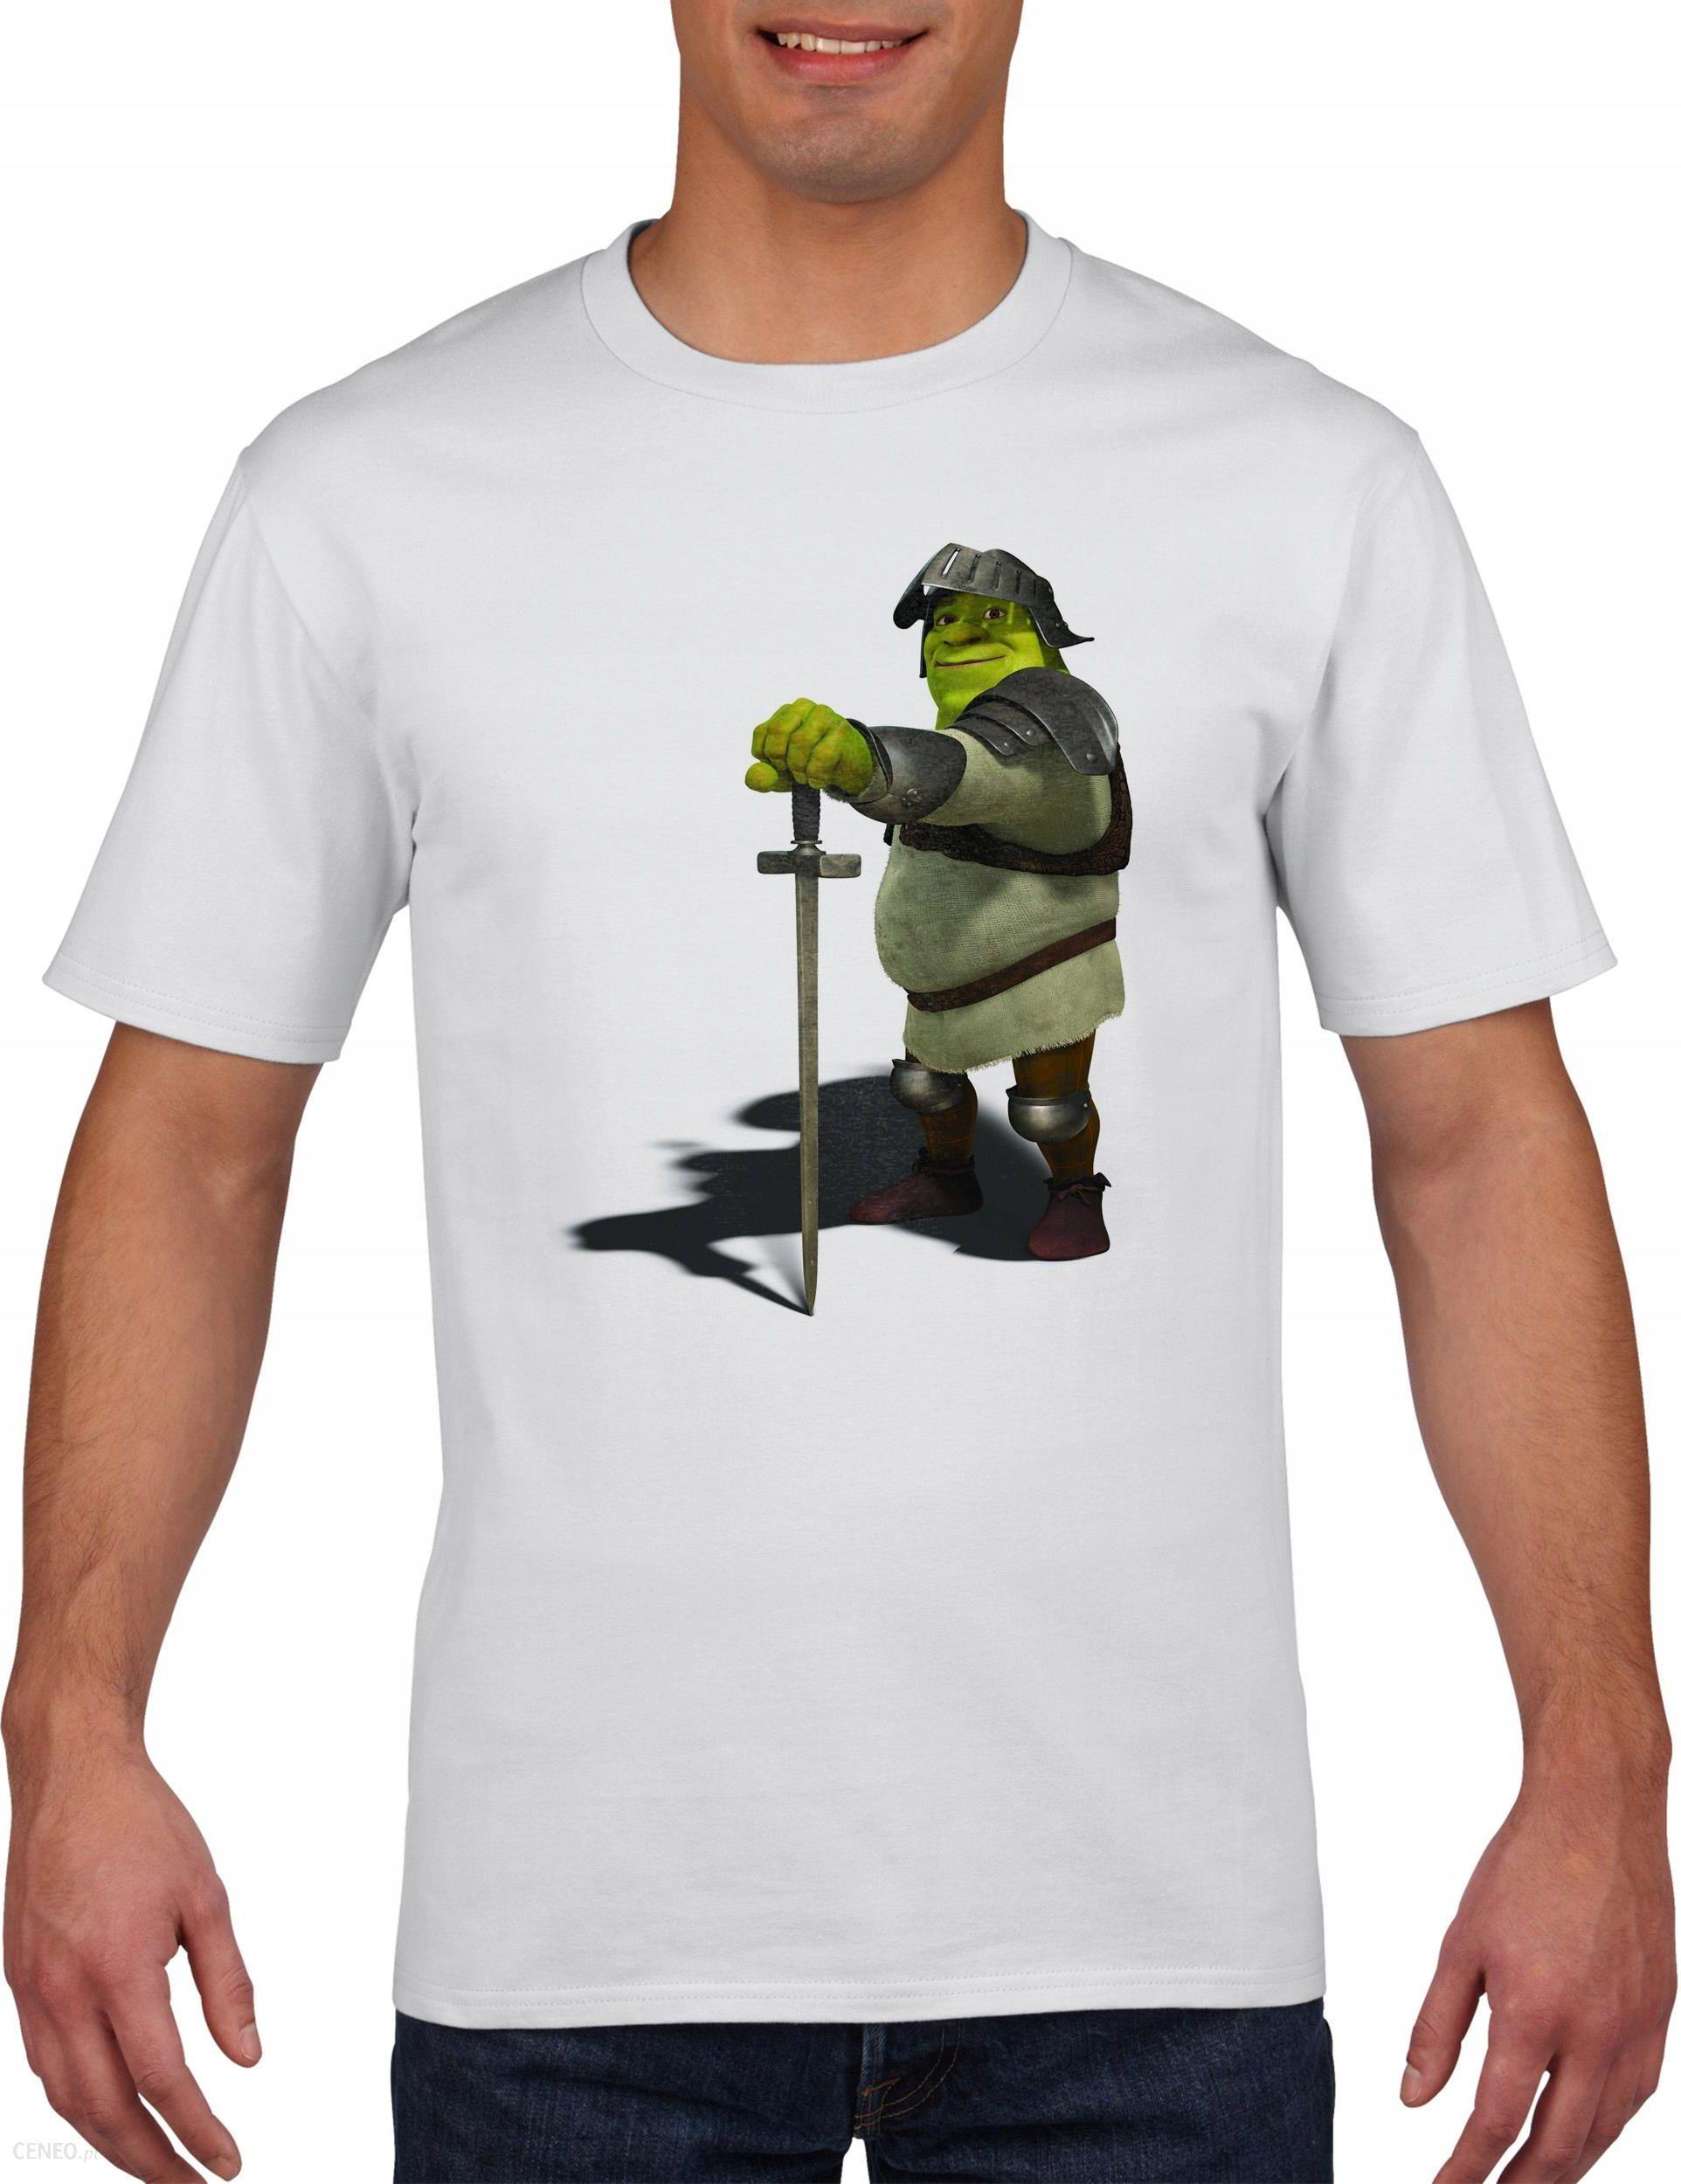 Koszulka Męska Shrek Fiona Kot W Butach S Ceny I Opinie Ceneopl